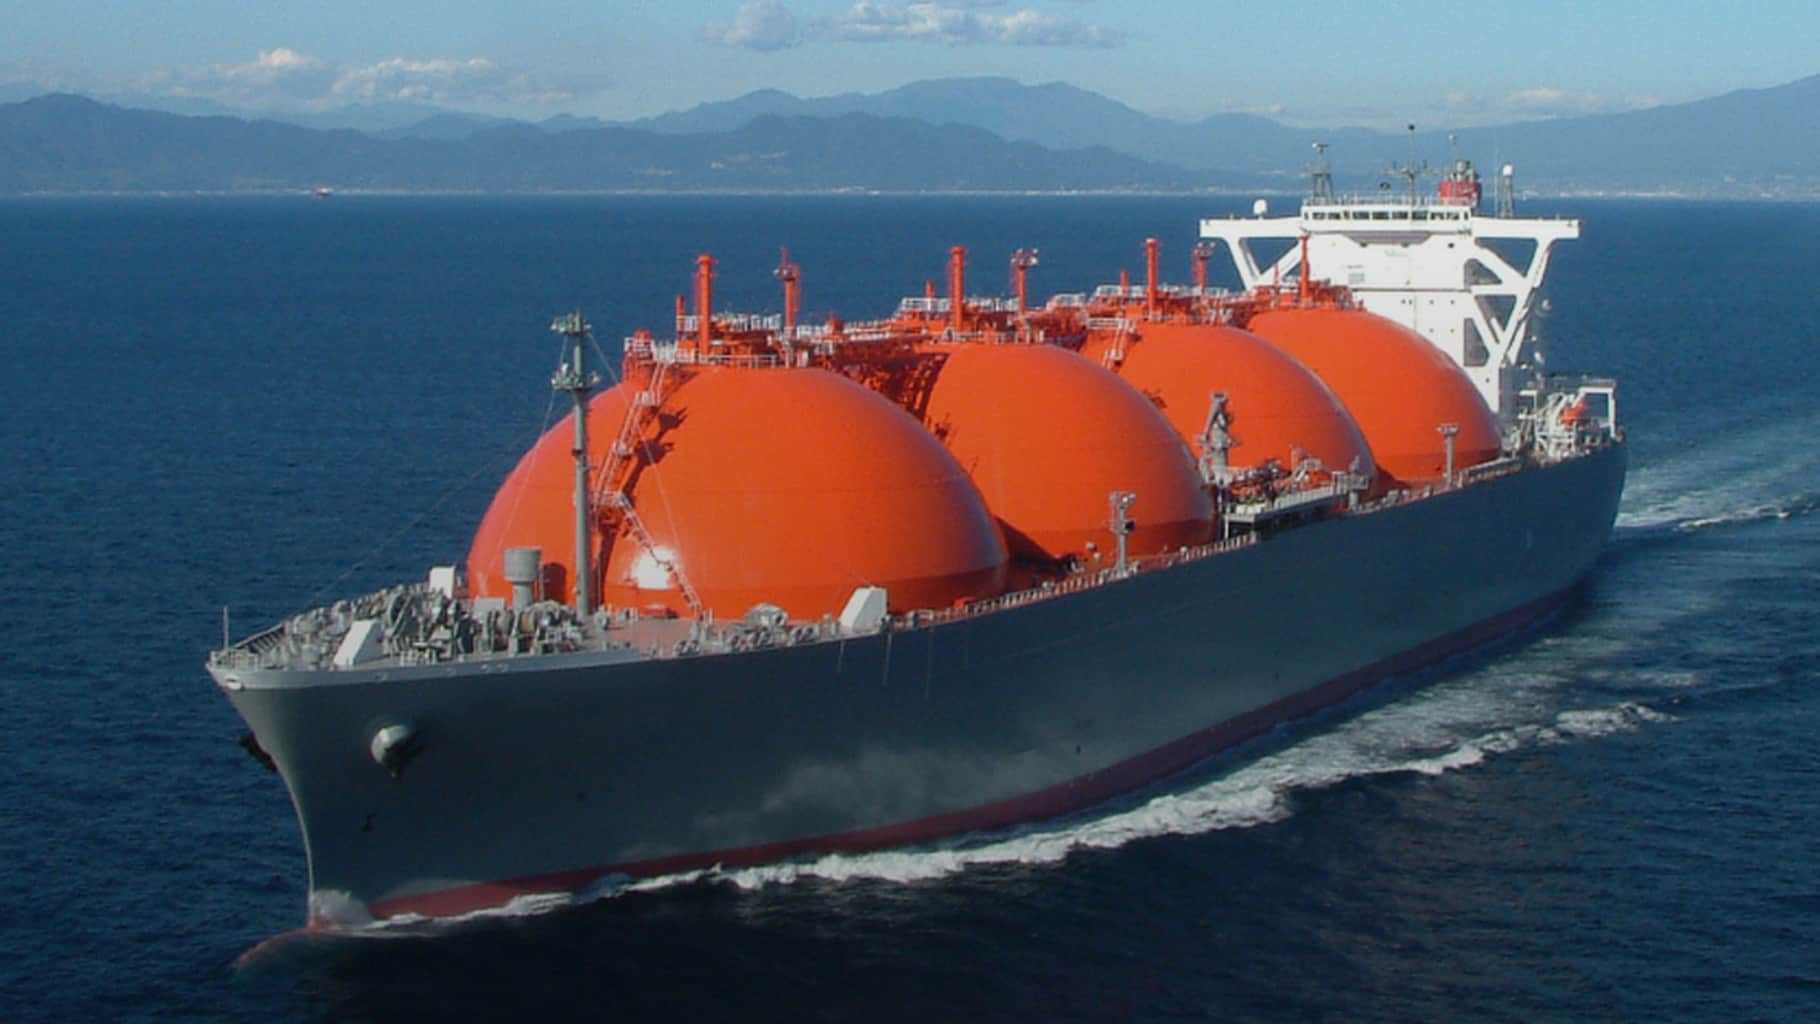 تراجع صادرات قطاع البترول من الوقود بنحو 33 مليون دولار خلال يناير 2020